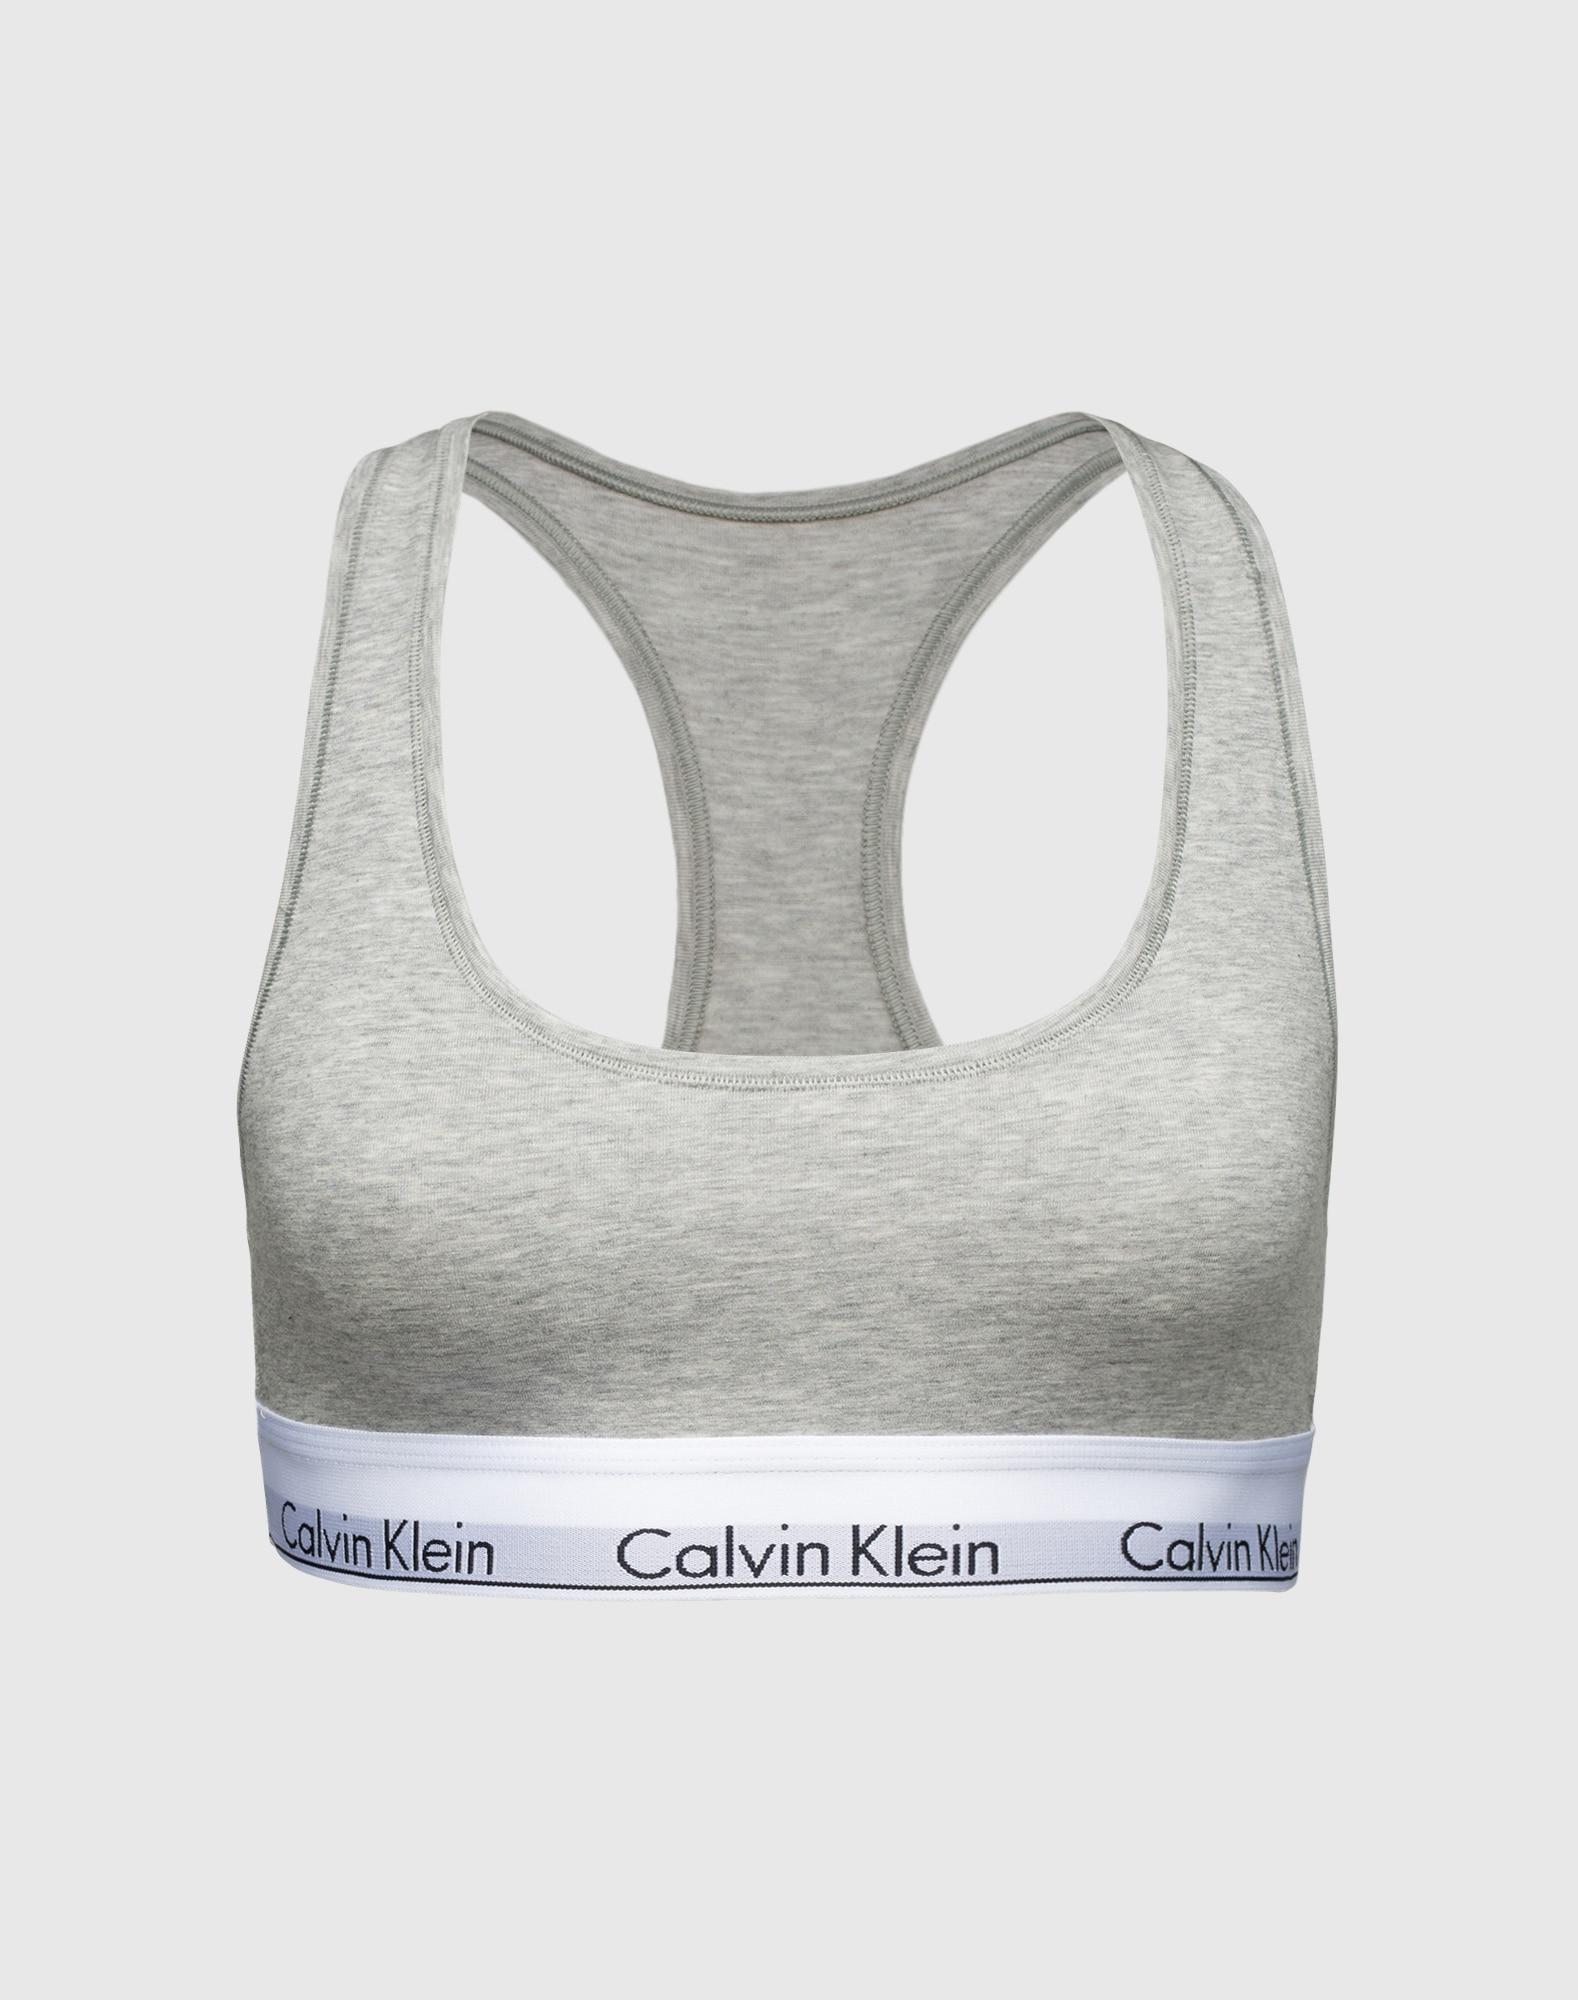 Calvin Klein Underwear, Dames BH, grijs